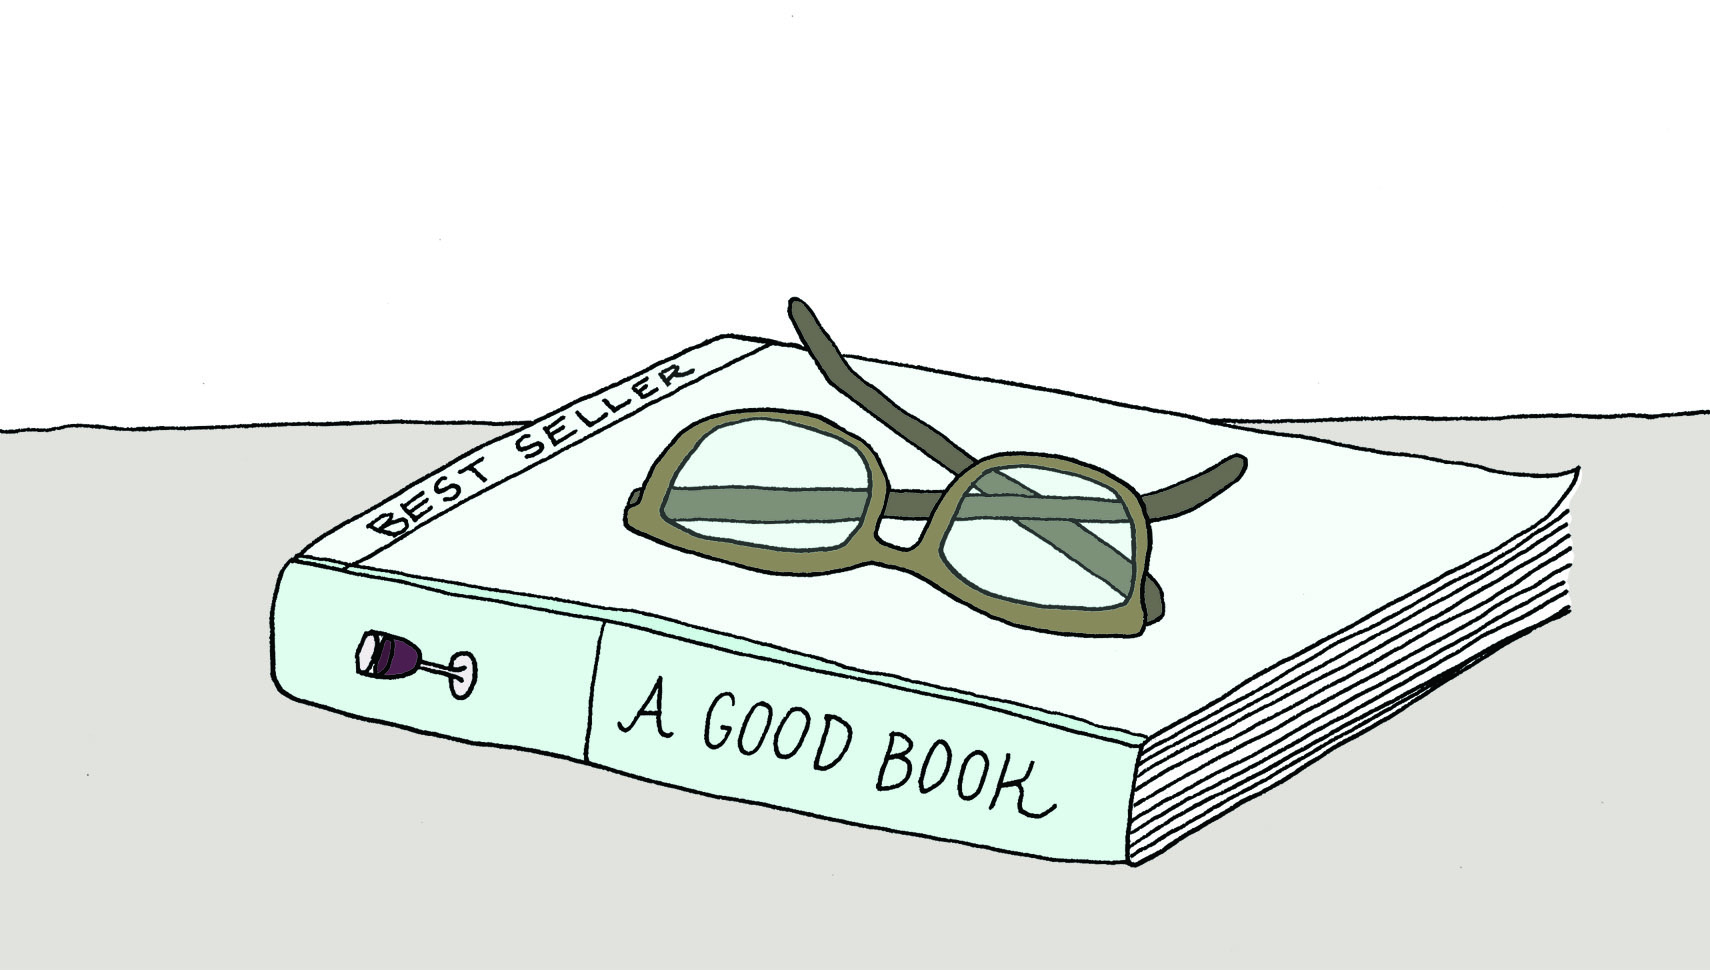 goodbook.jpg